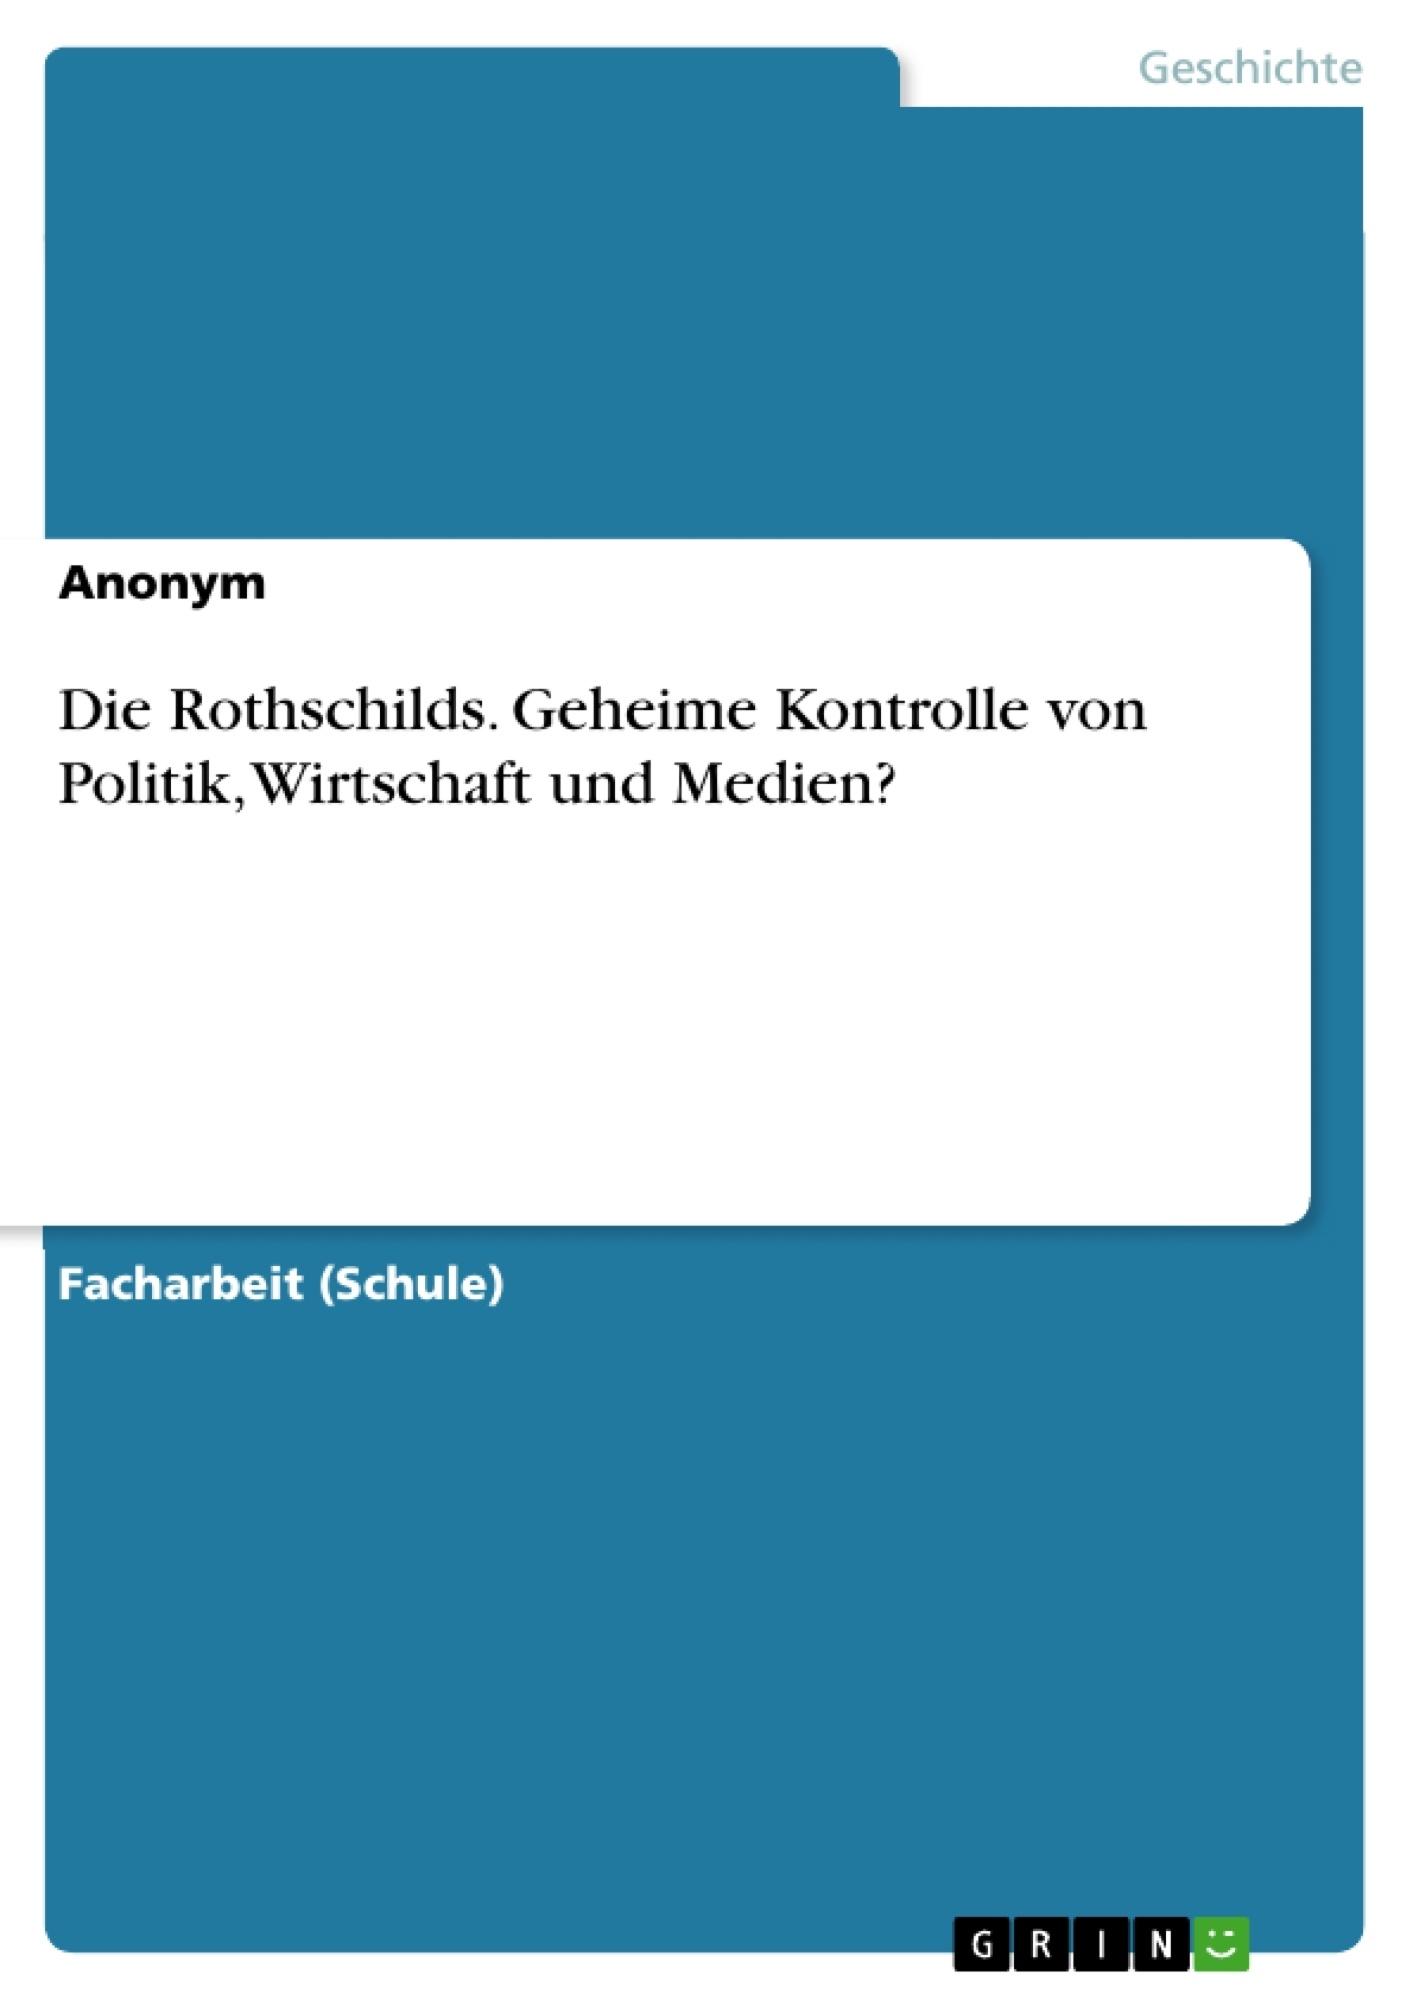 Titel: Die Rothschilds. Geheime Kontrolle von Politik, Wirtschaft und Medien?